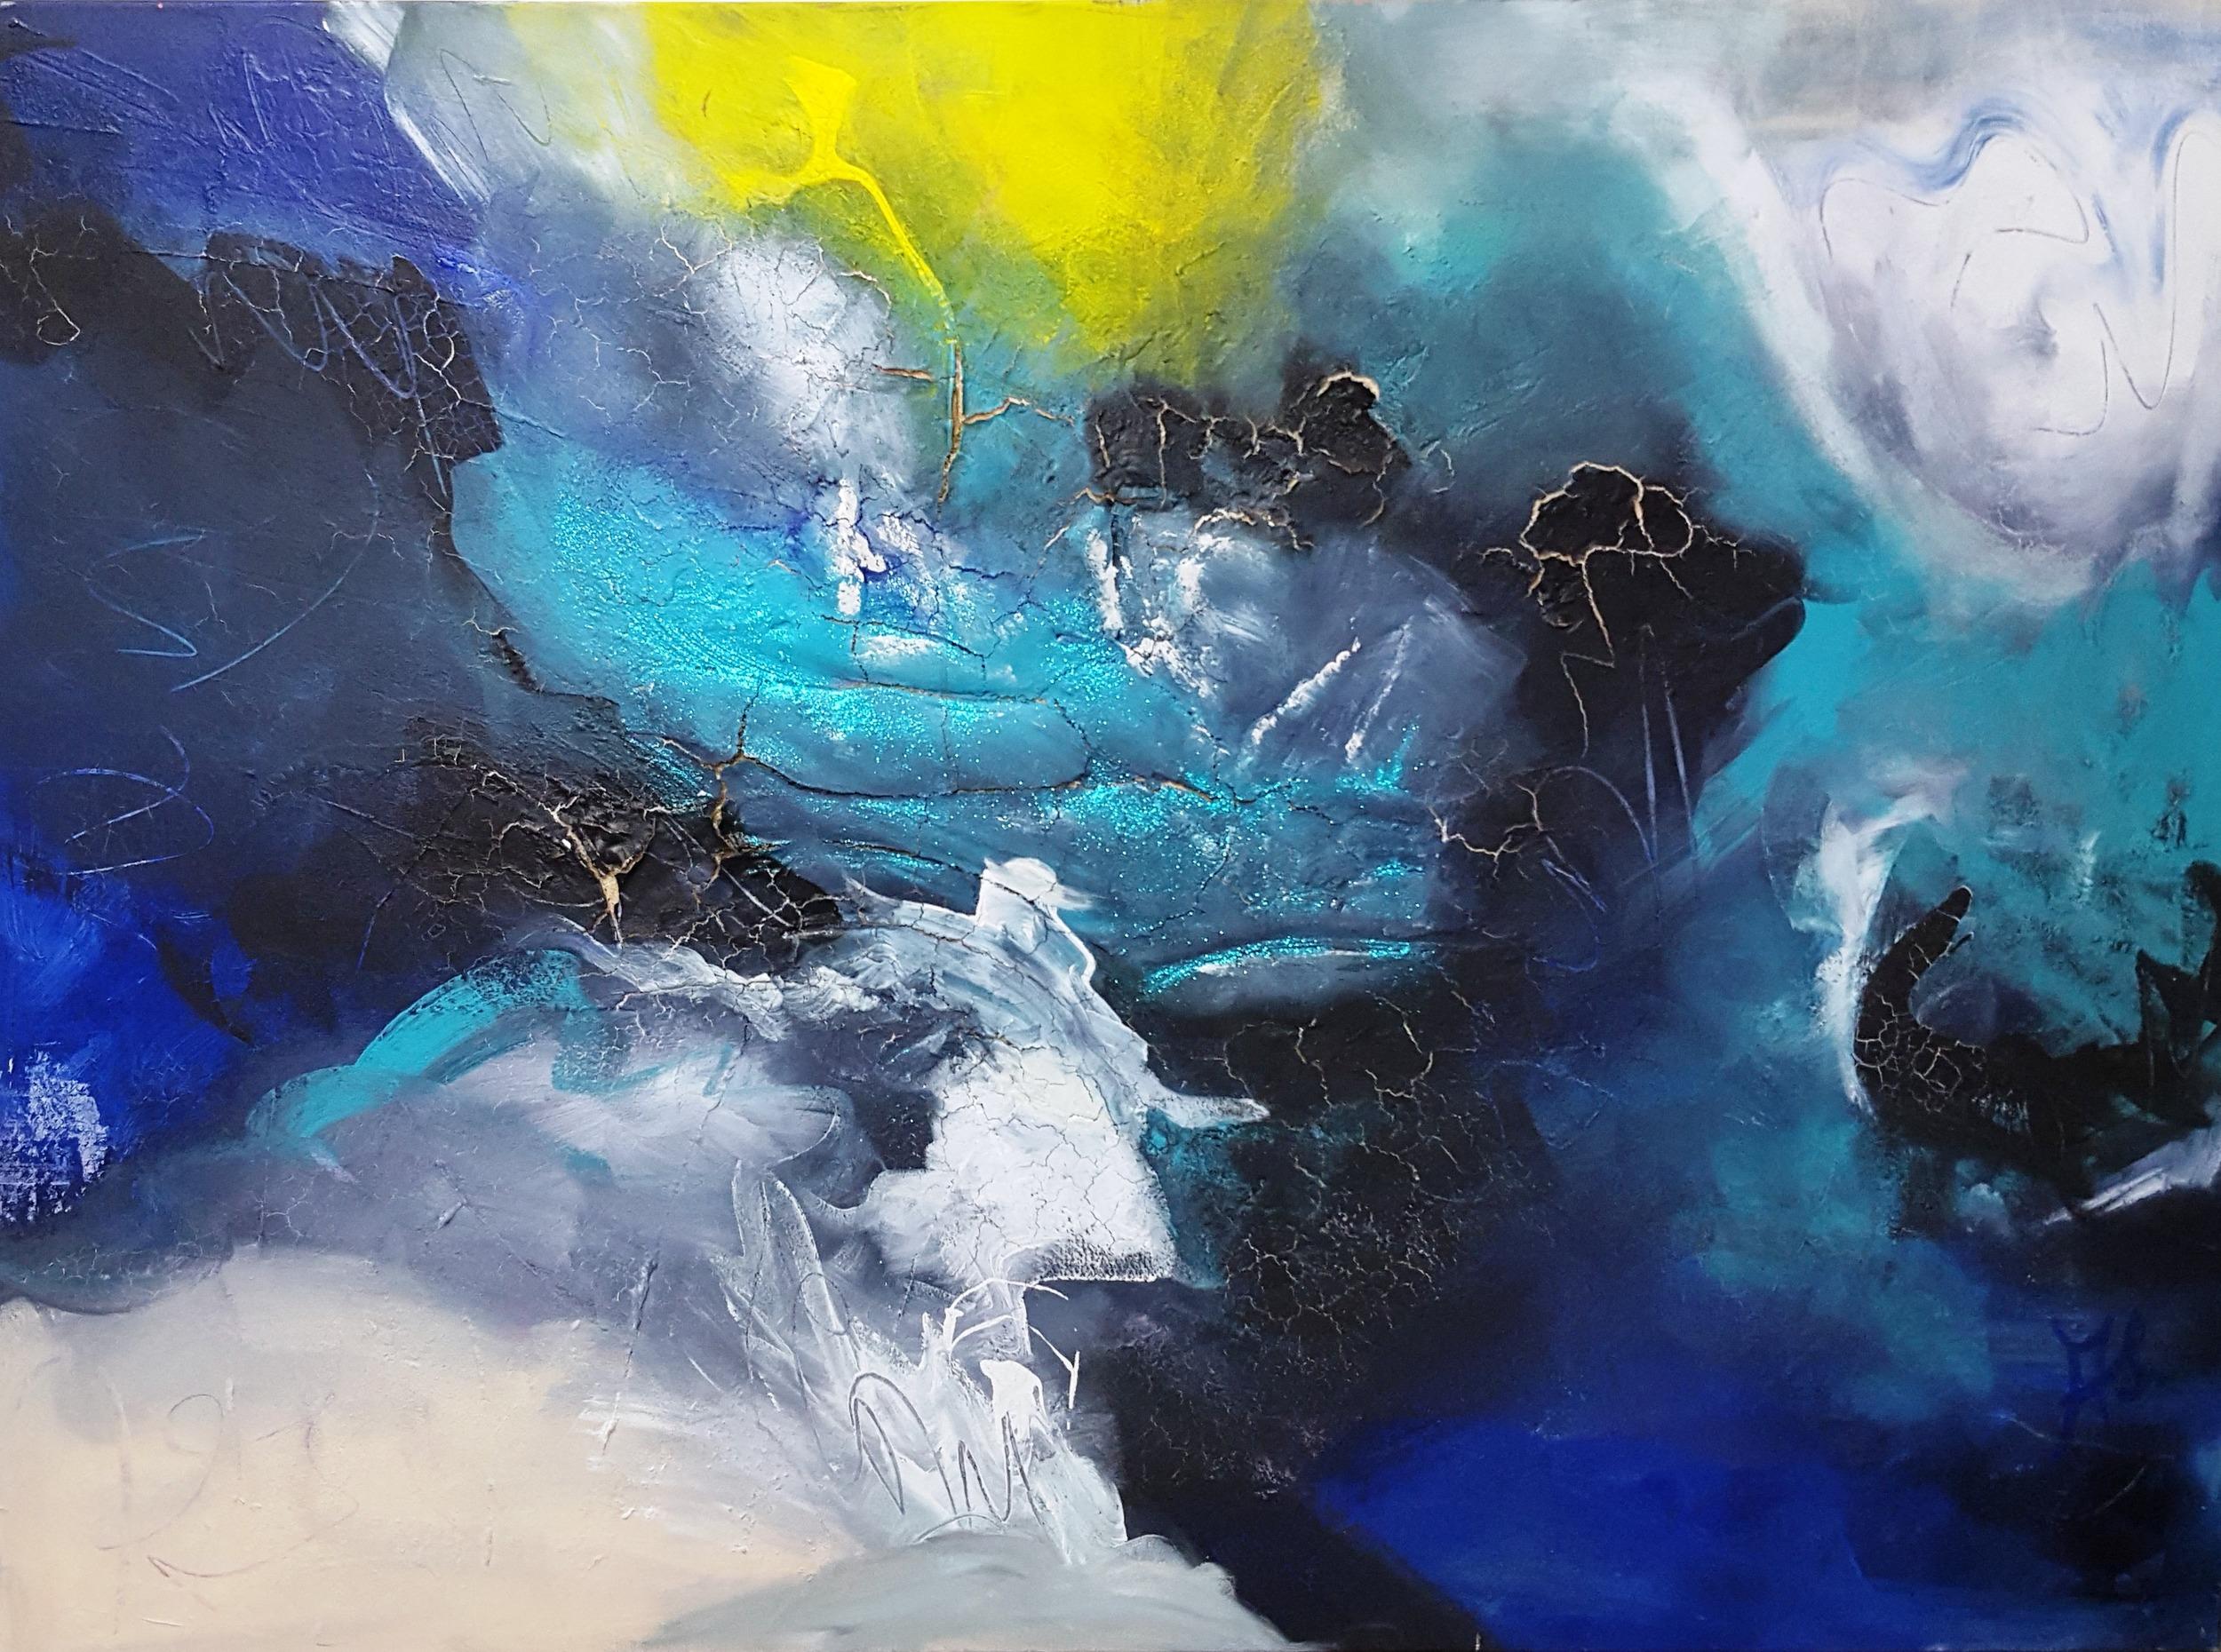 Angel   2009 acrylic & sand on canvas 180cm x 130cm